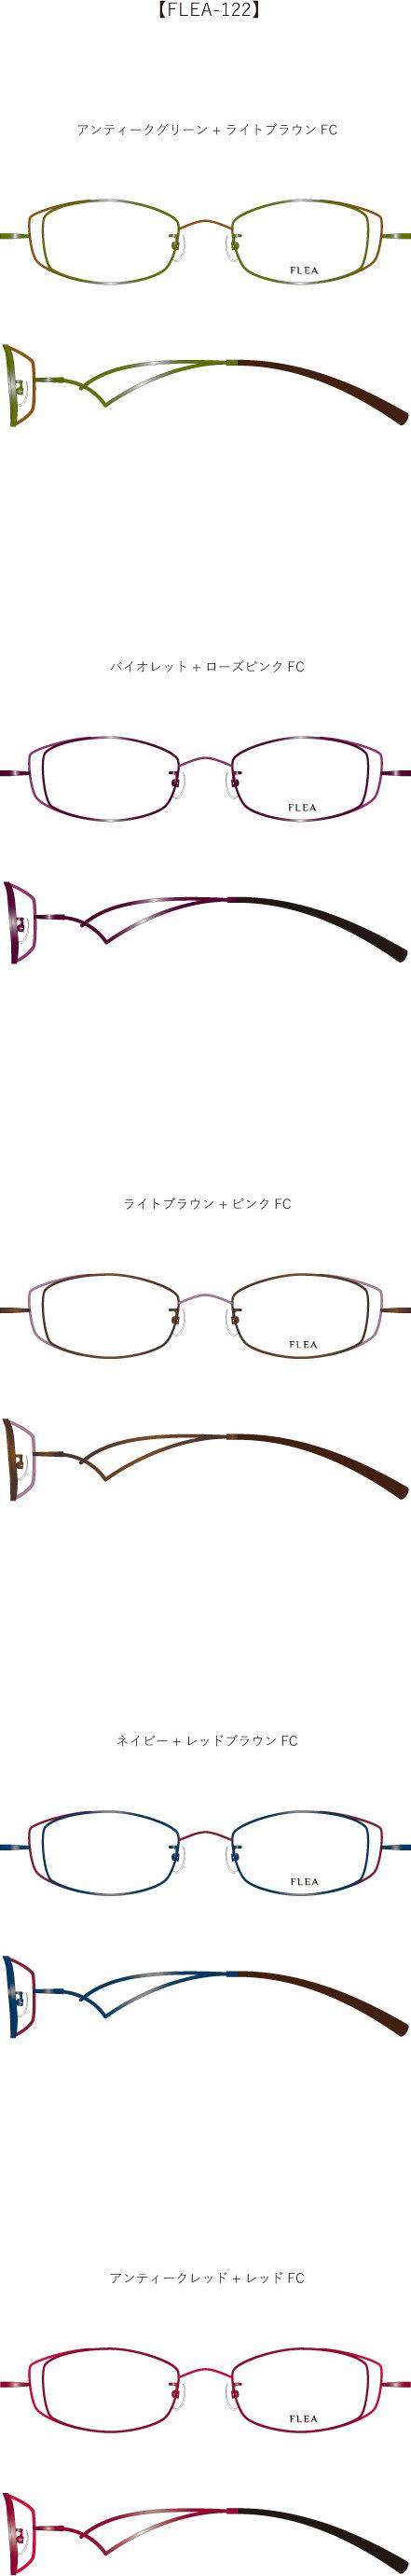 FLEA-122.jpg